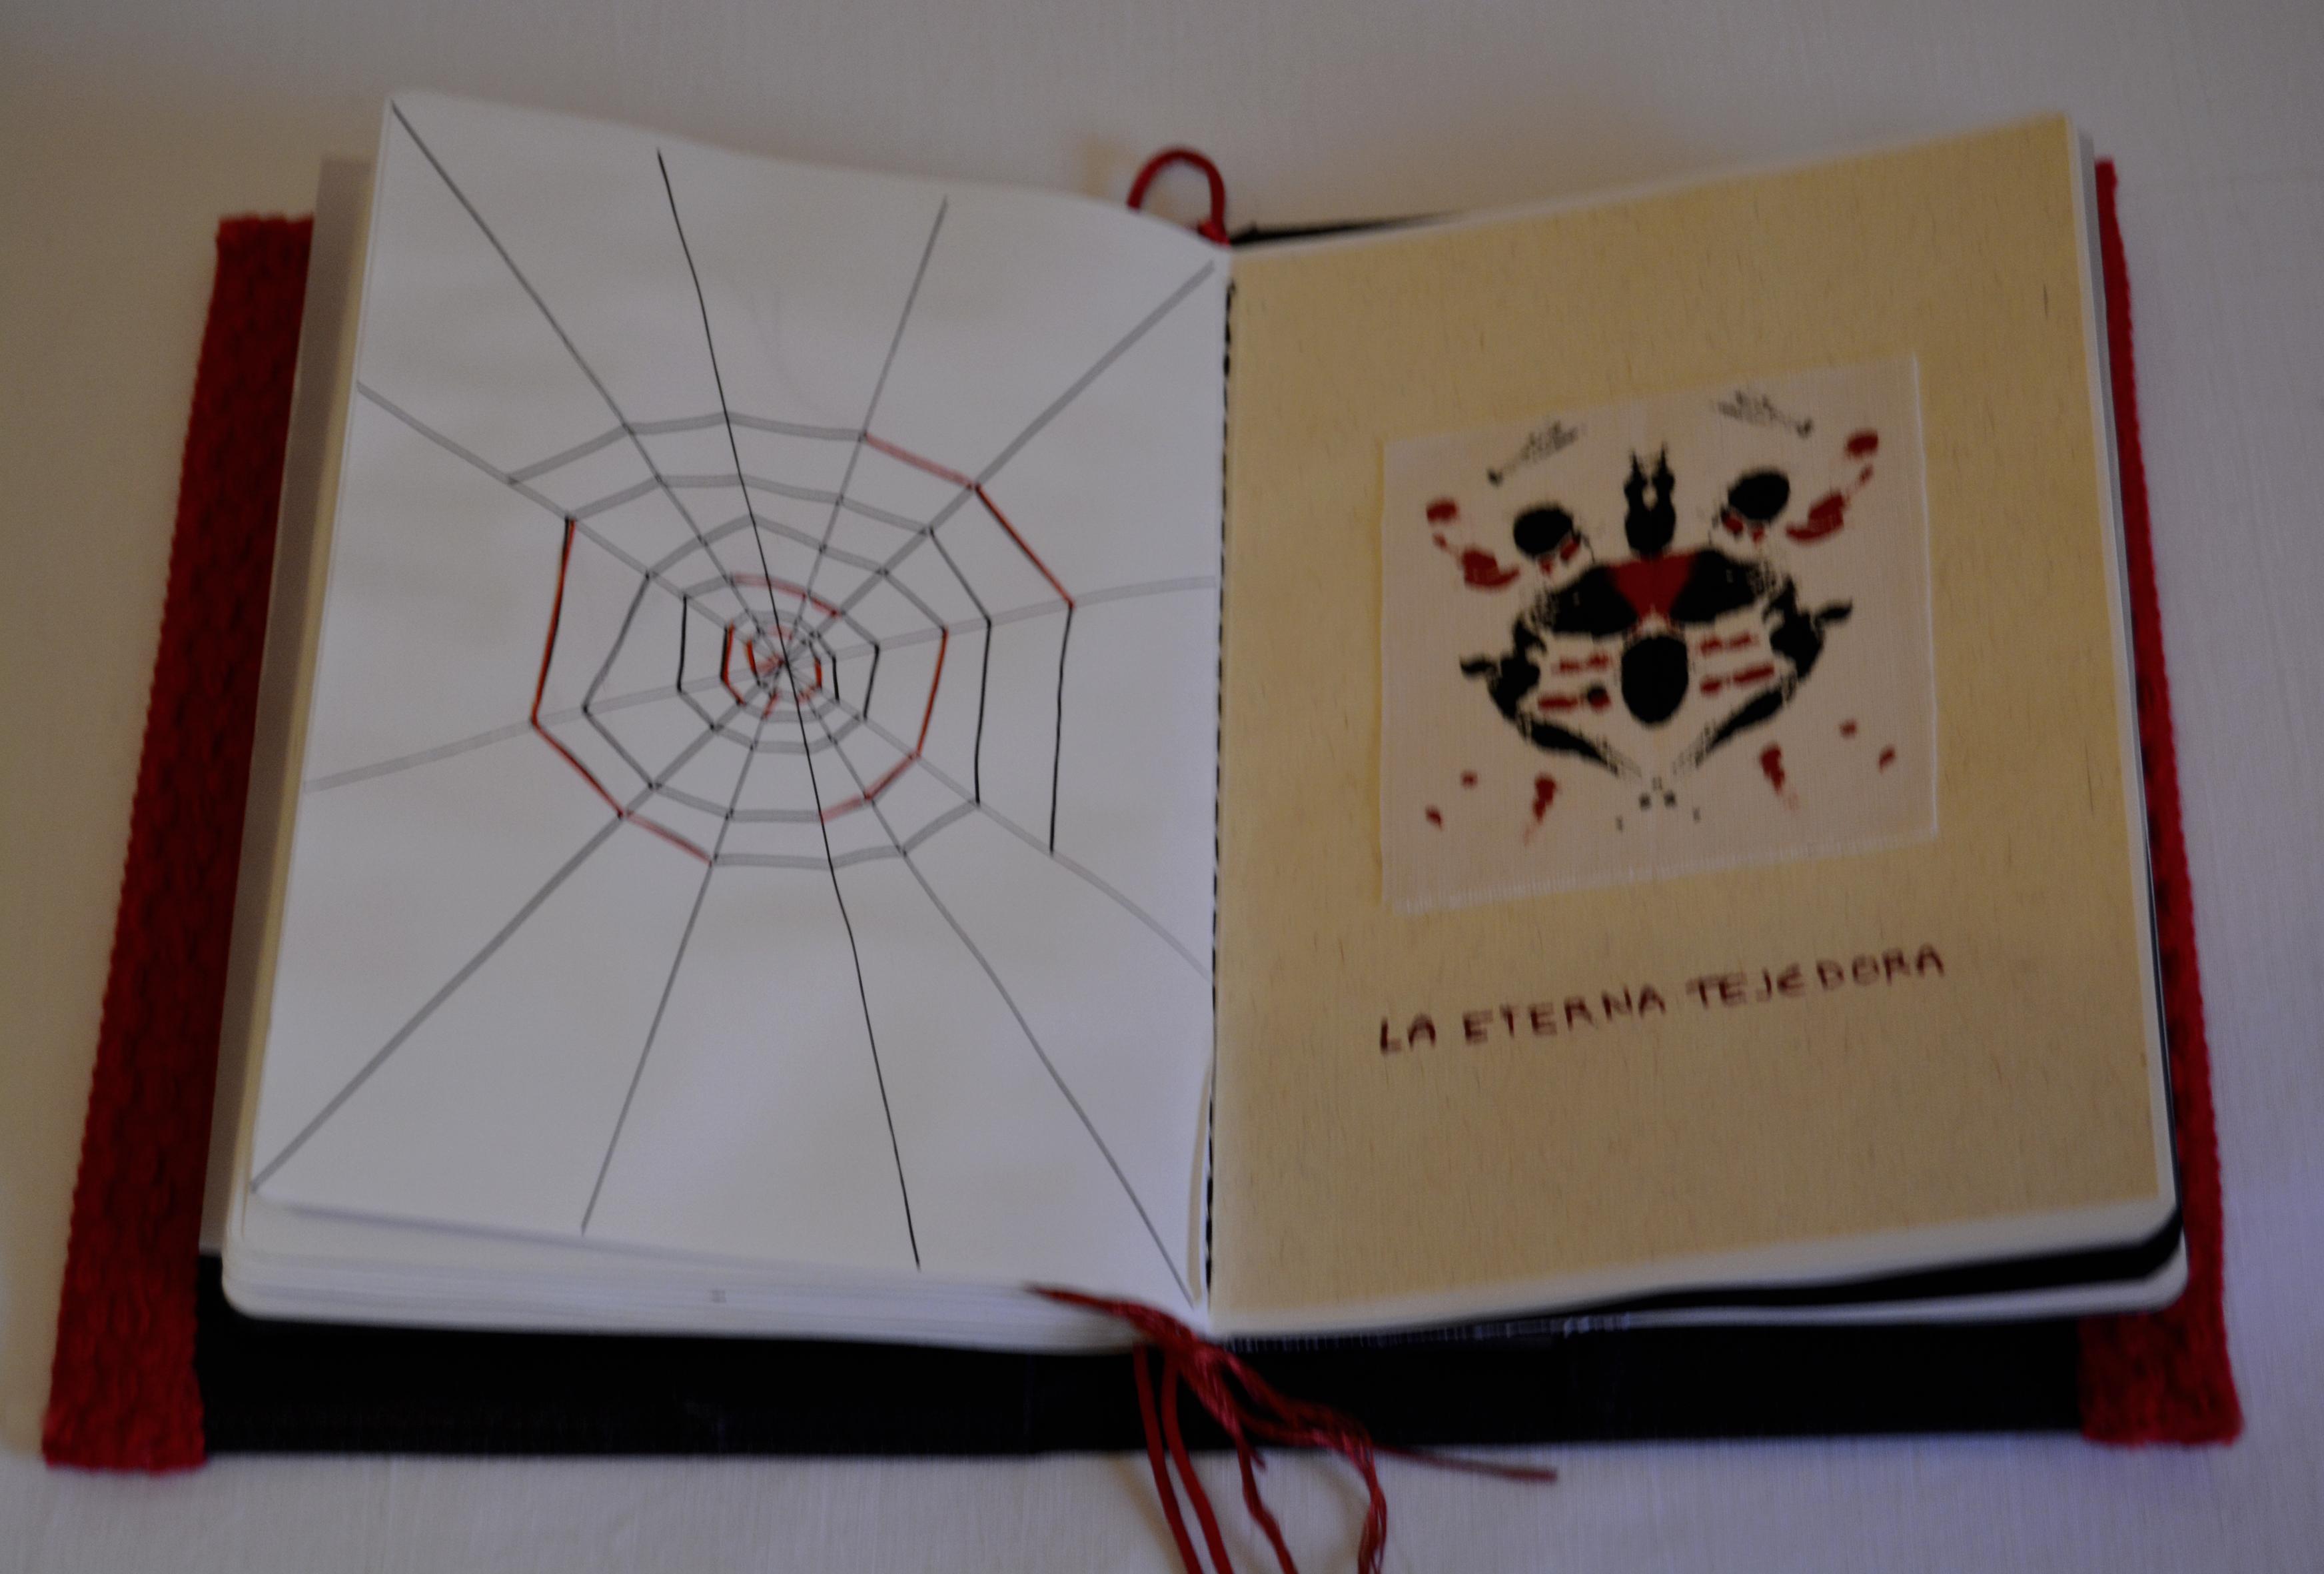 Detalle de una de las ilustraciones del cuaderno,